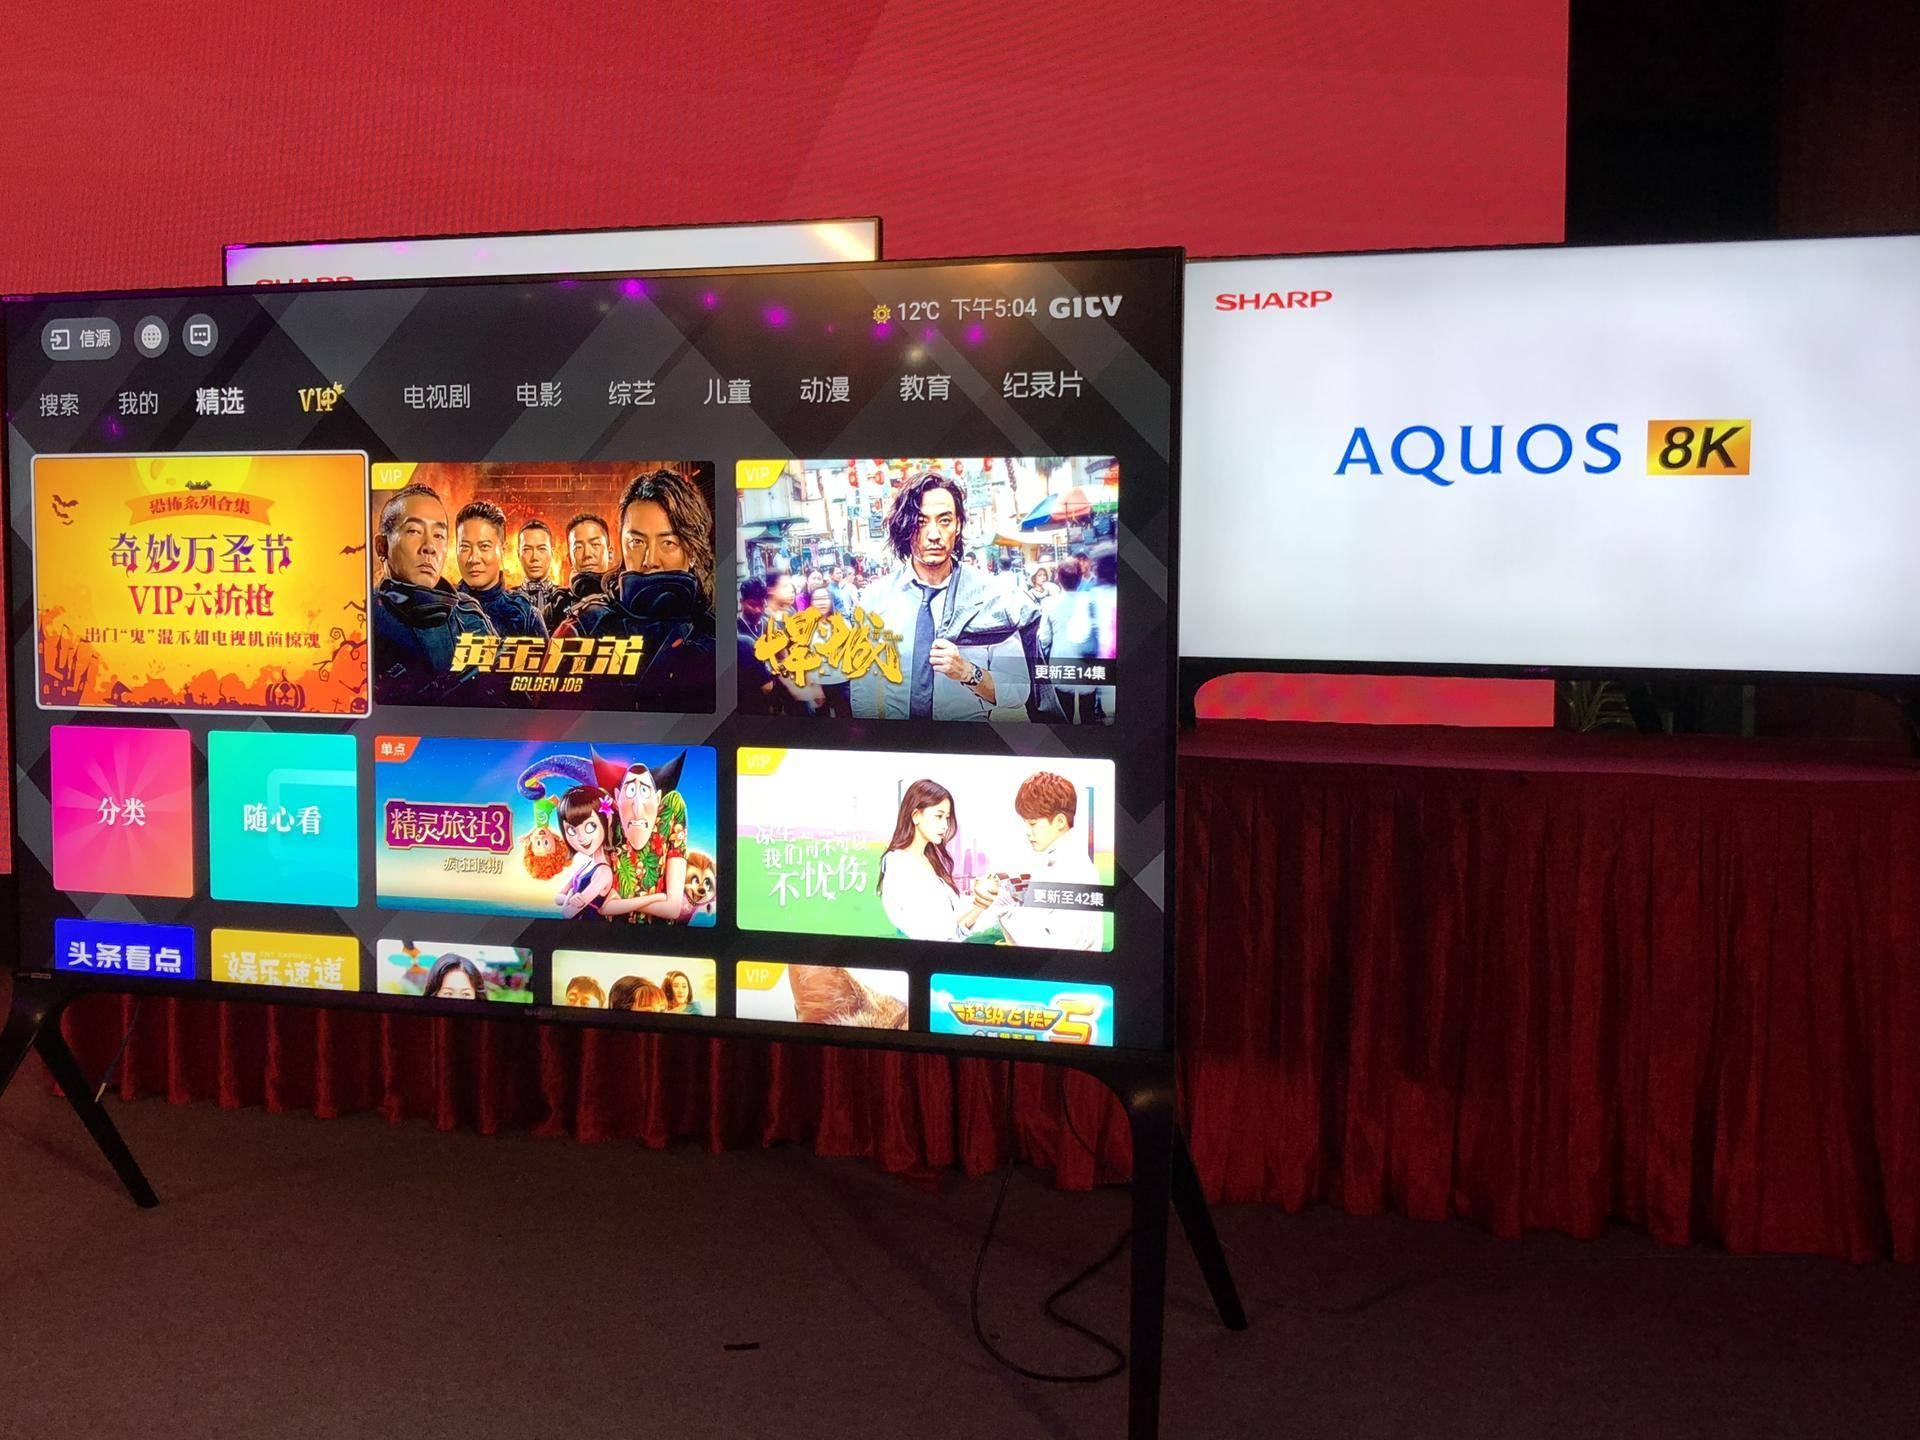 夏普发布8K系列电视 引进多款家电发力智能家庭